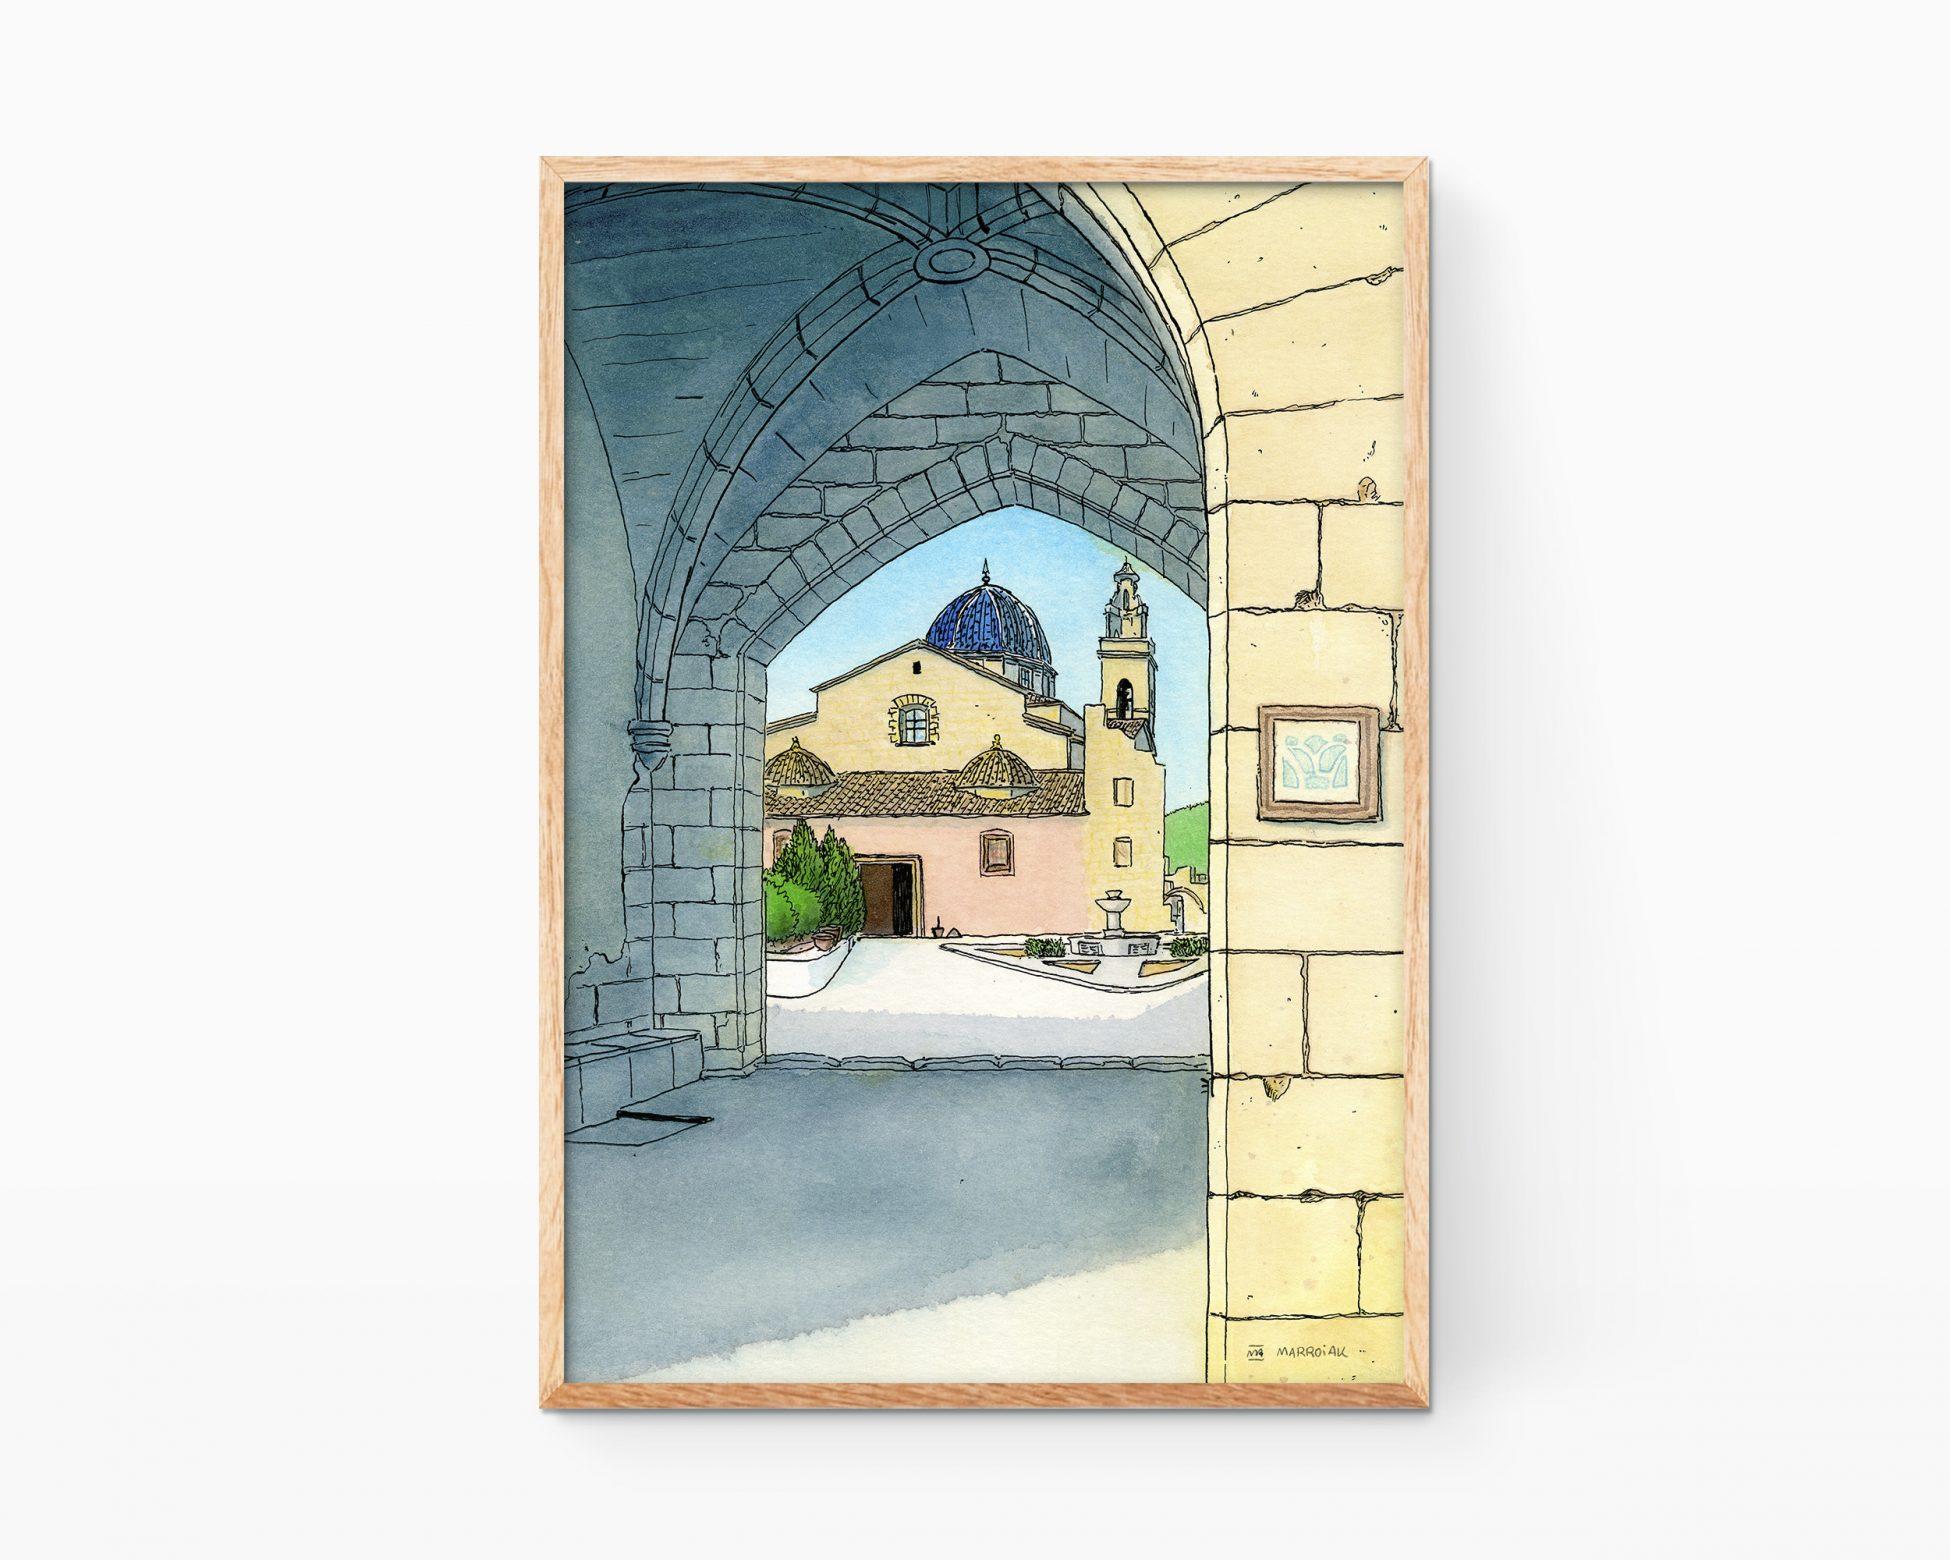 Cuadro para enmarcar con una ilustración de un monasterio de Simat de la Valldigna en la comarca de La Safor (Valencia). Paisaje en acuarela estilo urban sketchers